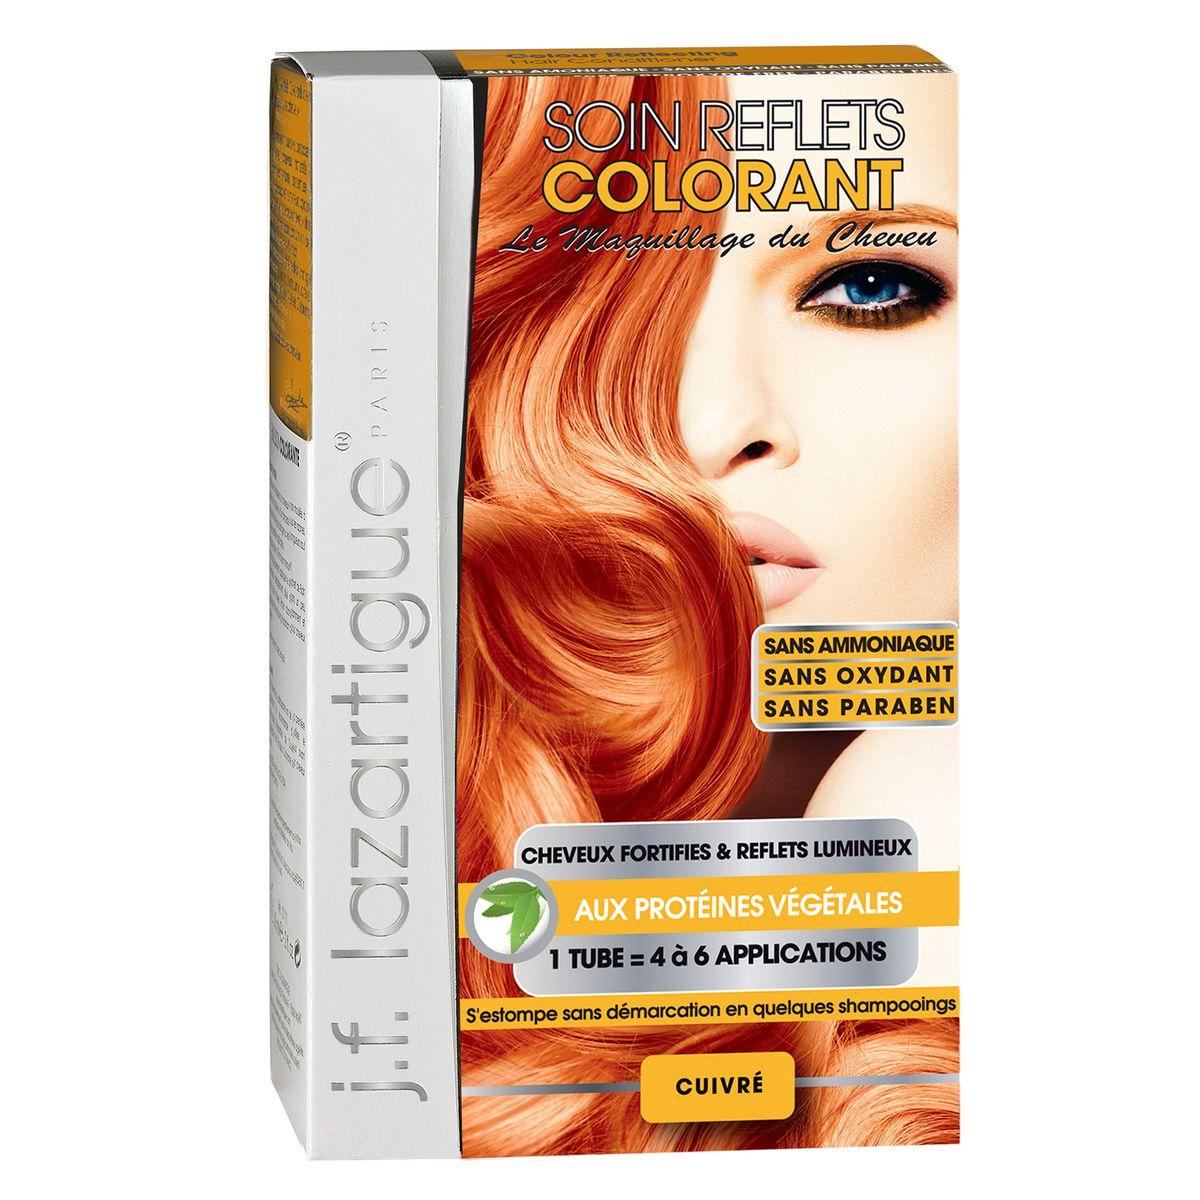 J.F.Lazartigue Оттеночный кондиционер для волос Медный 100 мл766910Оттеночный кондиционер J.F.LAZARTIGUE – это лечебный макияж для Ваших волос. Два эффекта: кондиционирование волос и легкий оттенок. Особенности: придает новый или более теплый (или холодный) оттенок, делает тон темнее или акцентирует цвет, оживляет естественный цвет или придает яркость тусклым и выцветшим на солнце волосам. Закрашивает небольшой процент седины! После мытья волос шампунем (3-6 раз) смывается. Для достижения индивидуального оттенка можно смешать два разных кондиционера: добавить к выбранному ТЕМНЫЙ РЫЖИЙ (Auburn), МЕДНЫЙ (Copper) и т.п. Не осветляет волосы. Не содержит аммиака и перекиси водорода. Не содержит парабенов. Не предназначен для окрашивания бровей и ресниц.